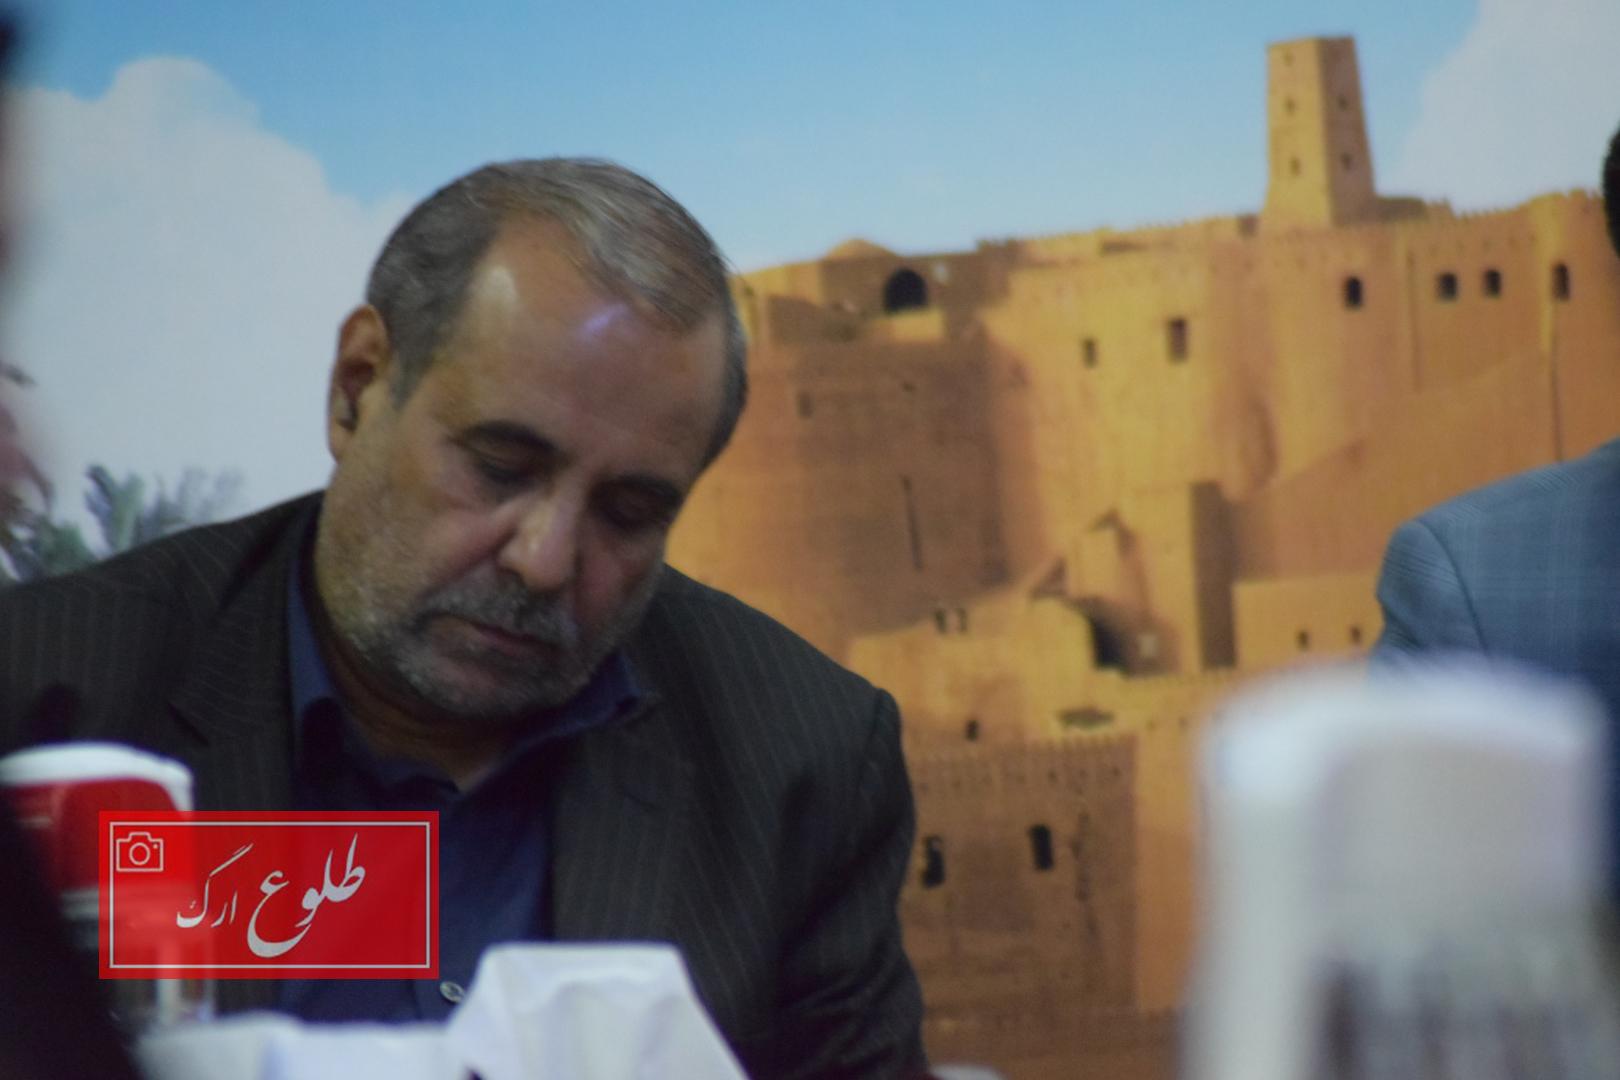 ۲۰۰ اثر آماده ثبت ملی در شرق استان کرمان وجود دارد